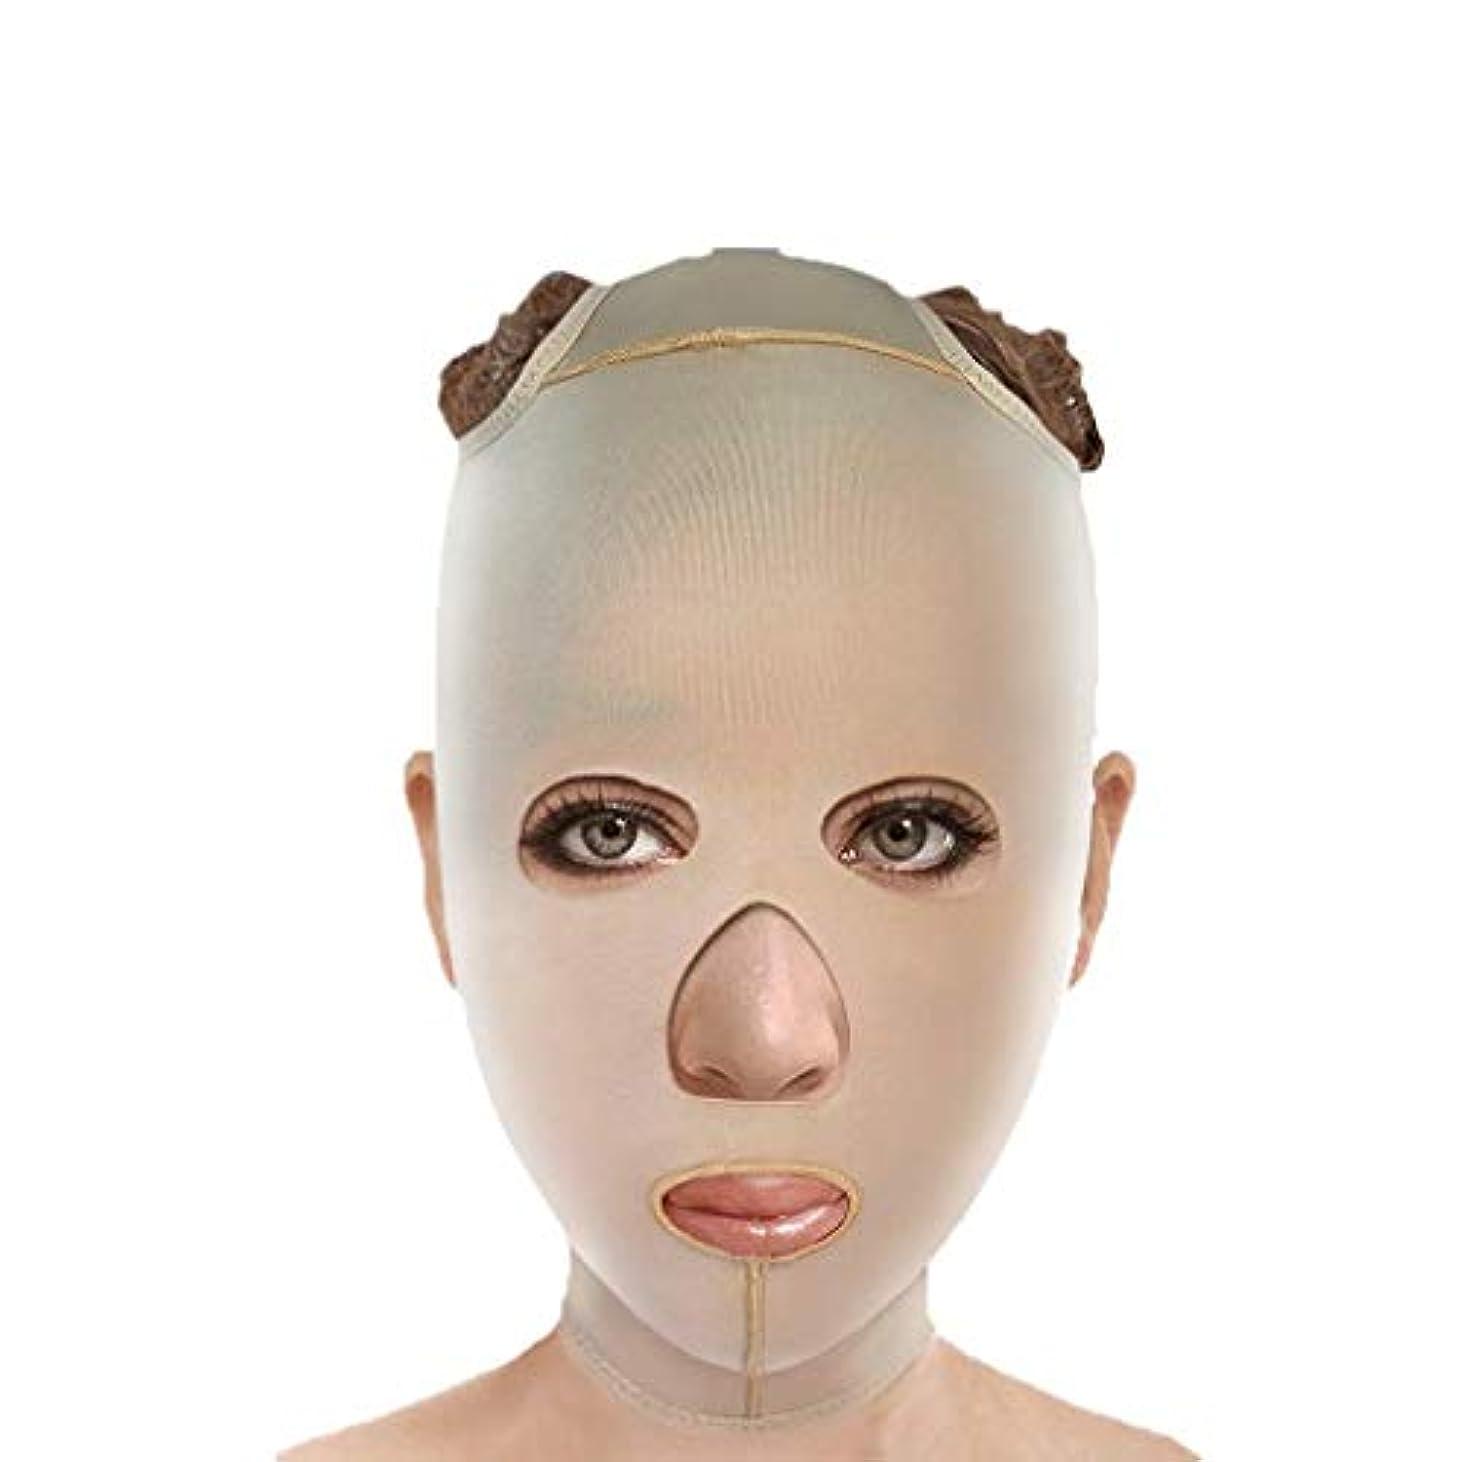 露骨な疑い失礼チンストラップ、フェイスリフティング、アンチエイジングフェイシャル包帯、フェイシャル減量マスク、ファーミングマスク、フェイシャルリフティングアーティファクト(サイズ:S),M